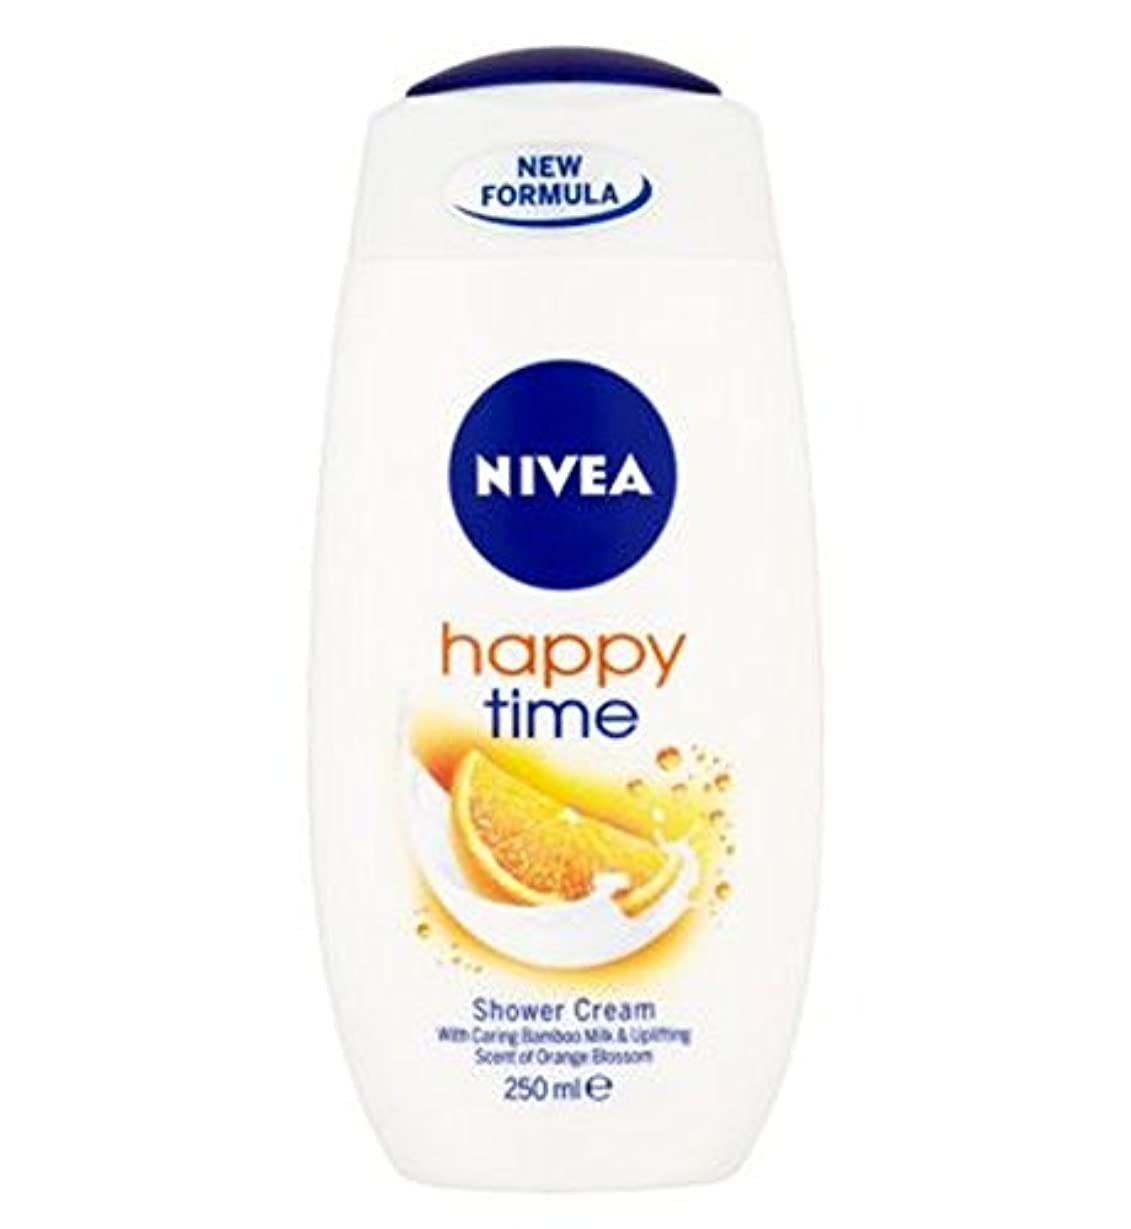 救いとんでもない水星ニベア幸せな時間シャワークリーム250ミリリットル (Nivea) (x2) - NIVEA Happy Time Shower Cream 250ml (Pack of 2) [並行輸入品]